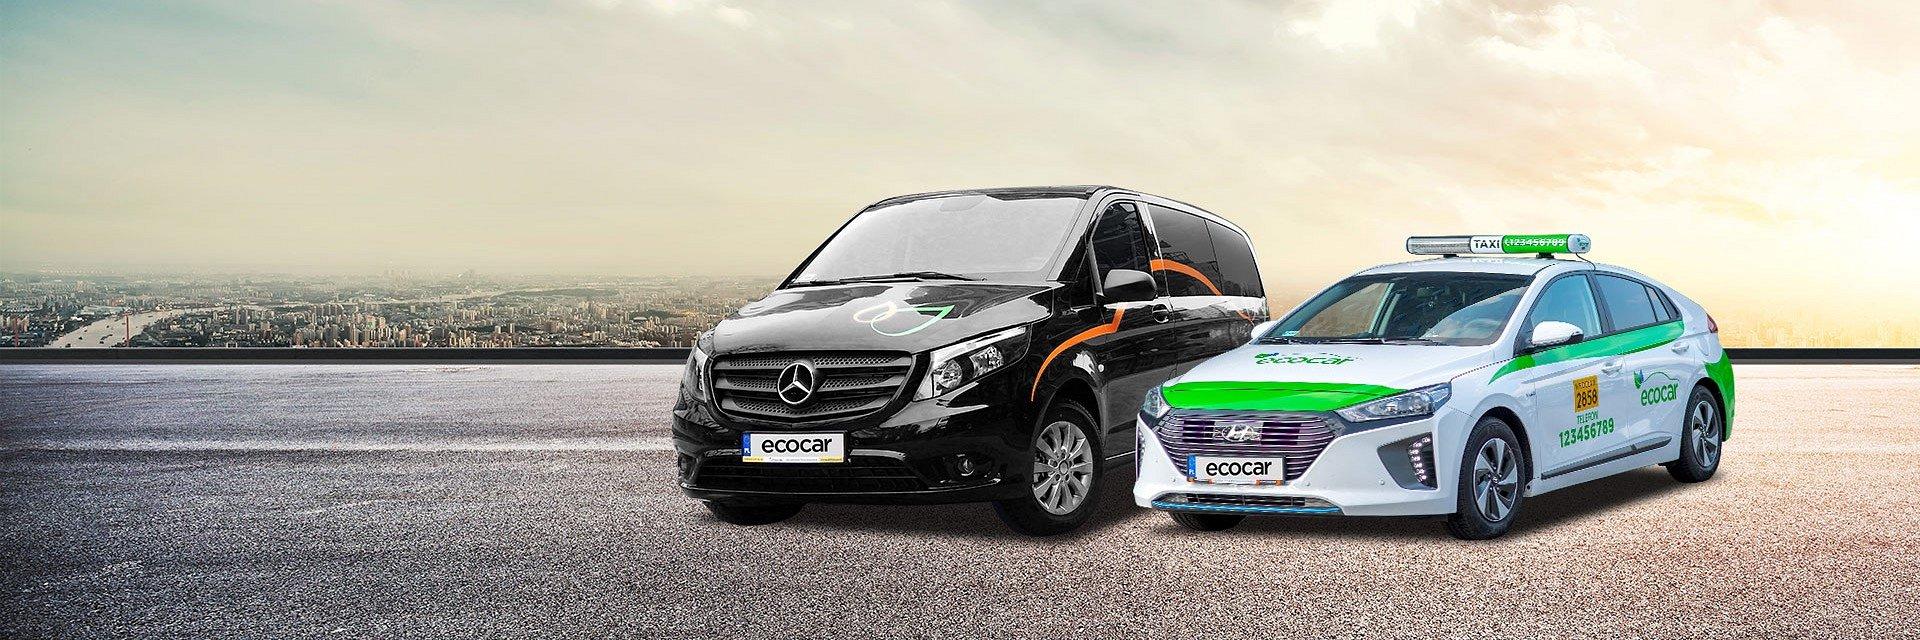 Innowacyjne ubezpieczenie i nowe funkcje w terminalach płatniczych dla kierowców EcoCar